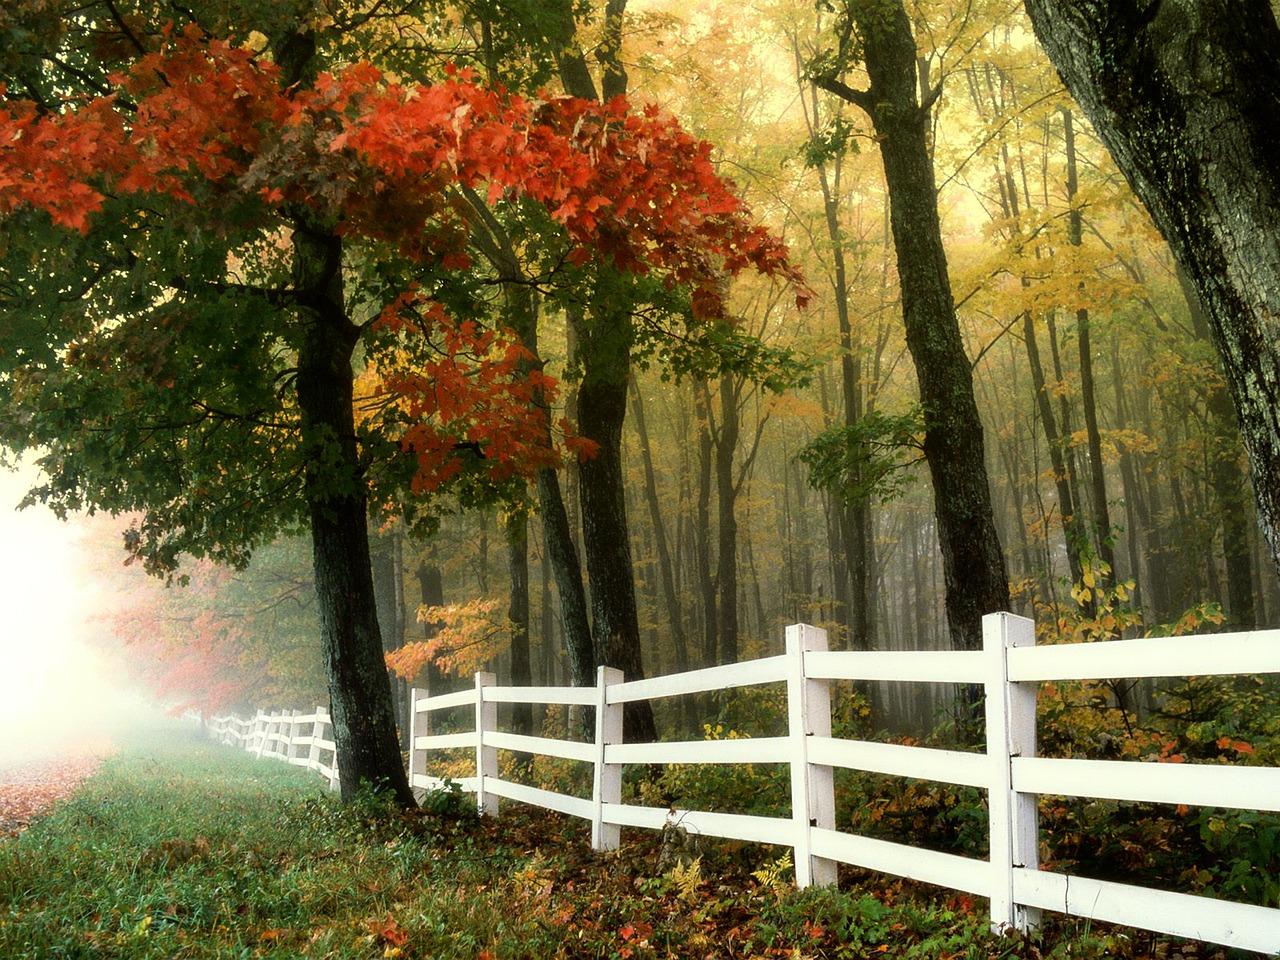 Jaki wybrać płotek ogrodowy – plastikowy, czy drewniany